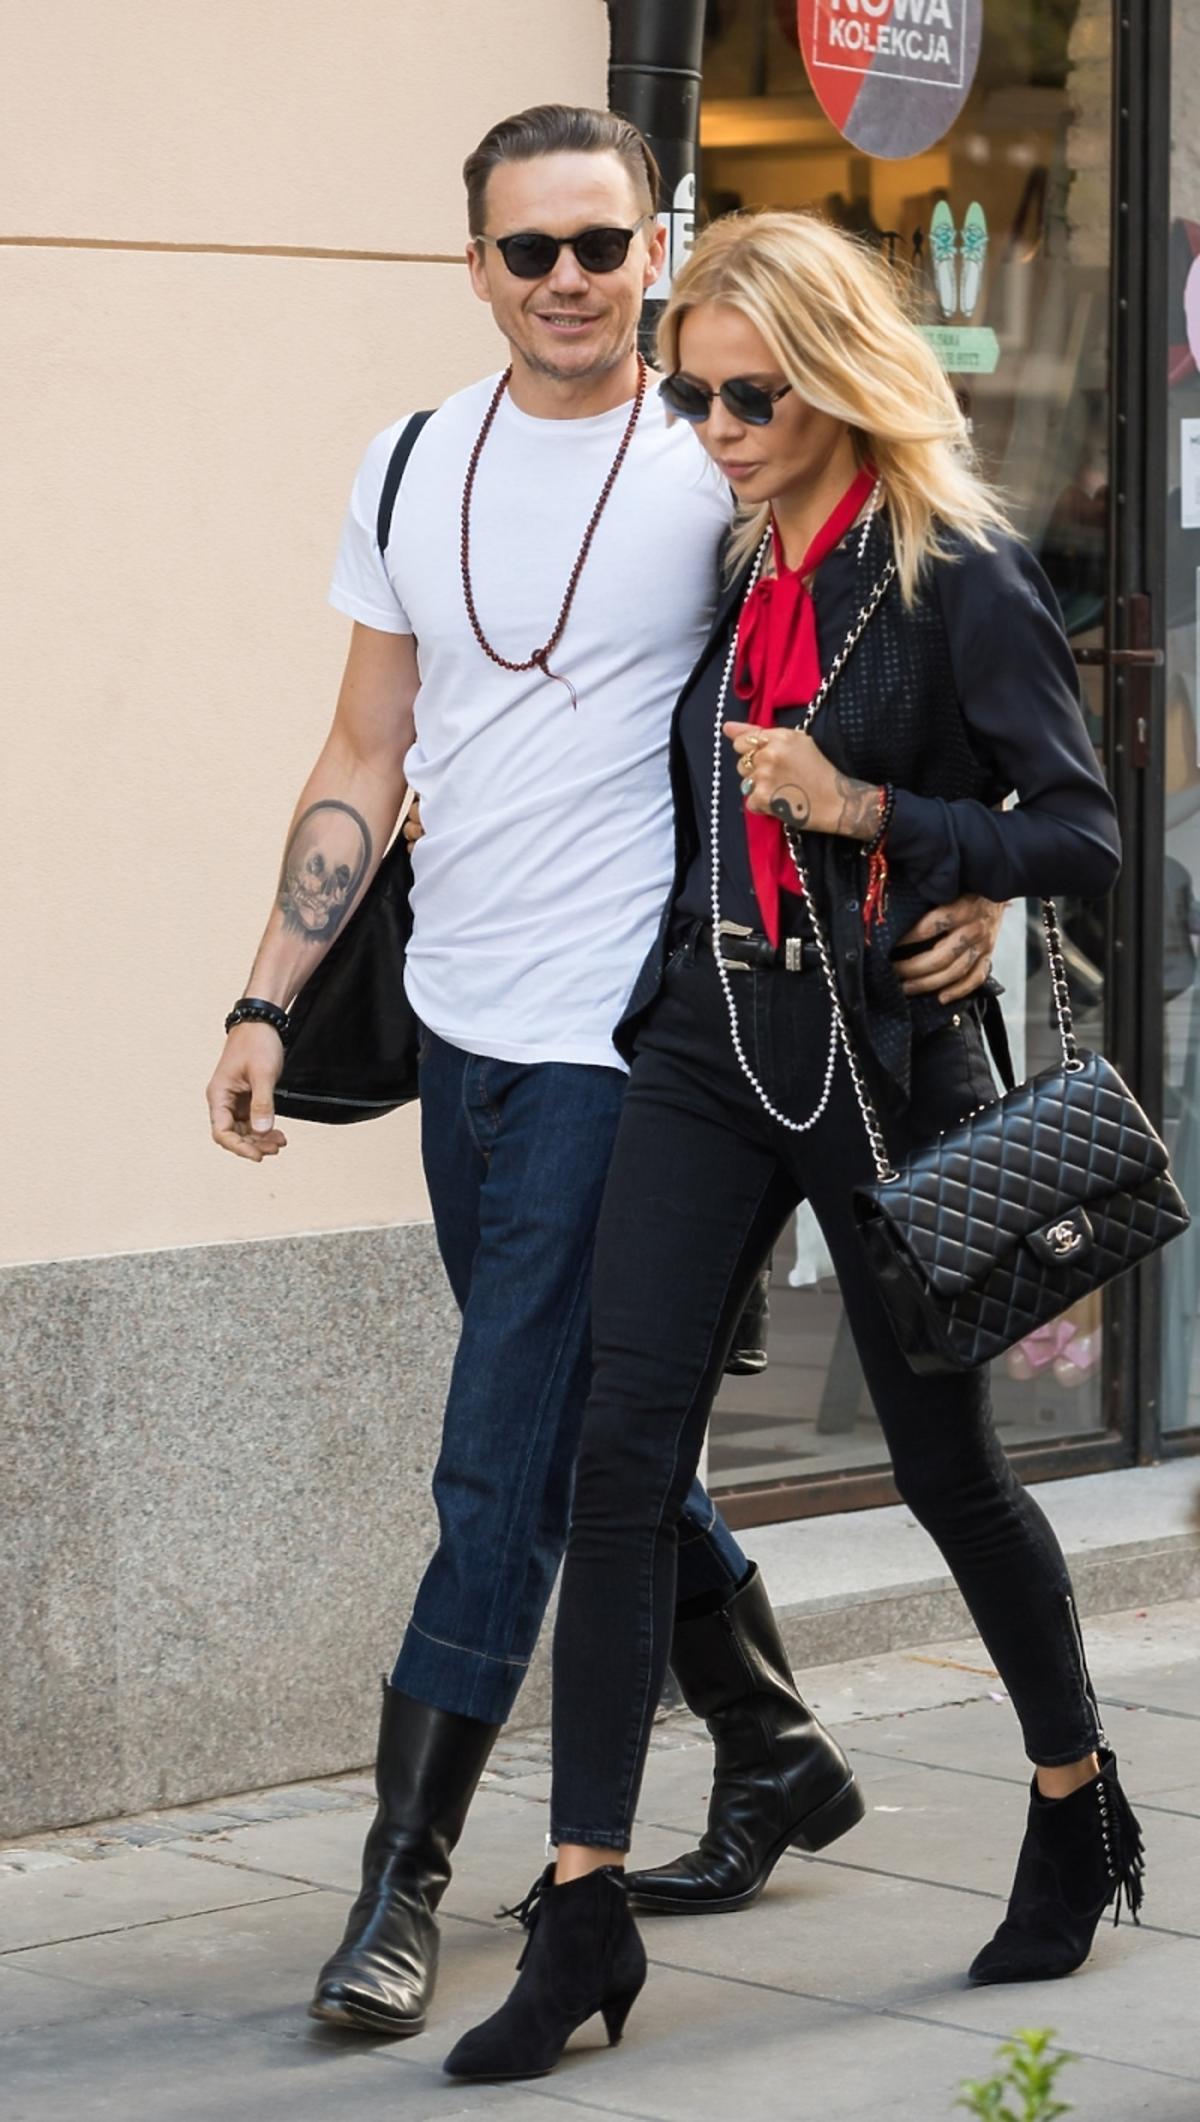 MMaja Sablewska na ulicy ubrana na czarno z czerwonym szalem i czarną pikownątorebką chanel